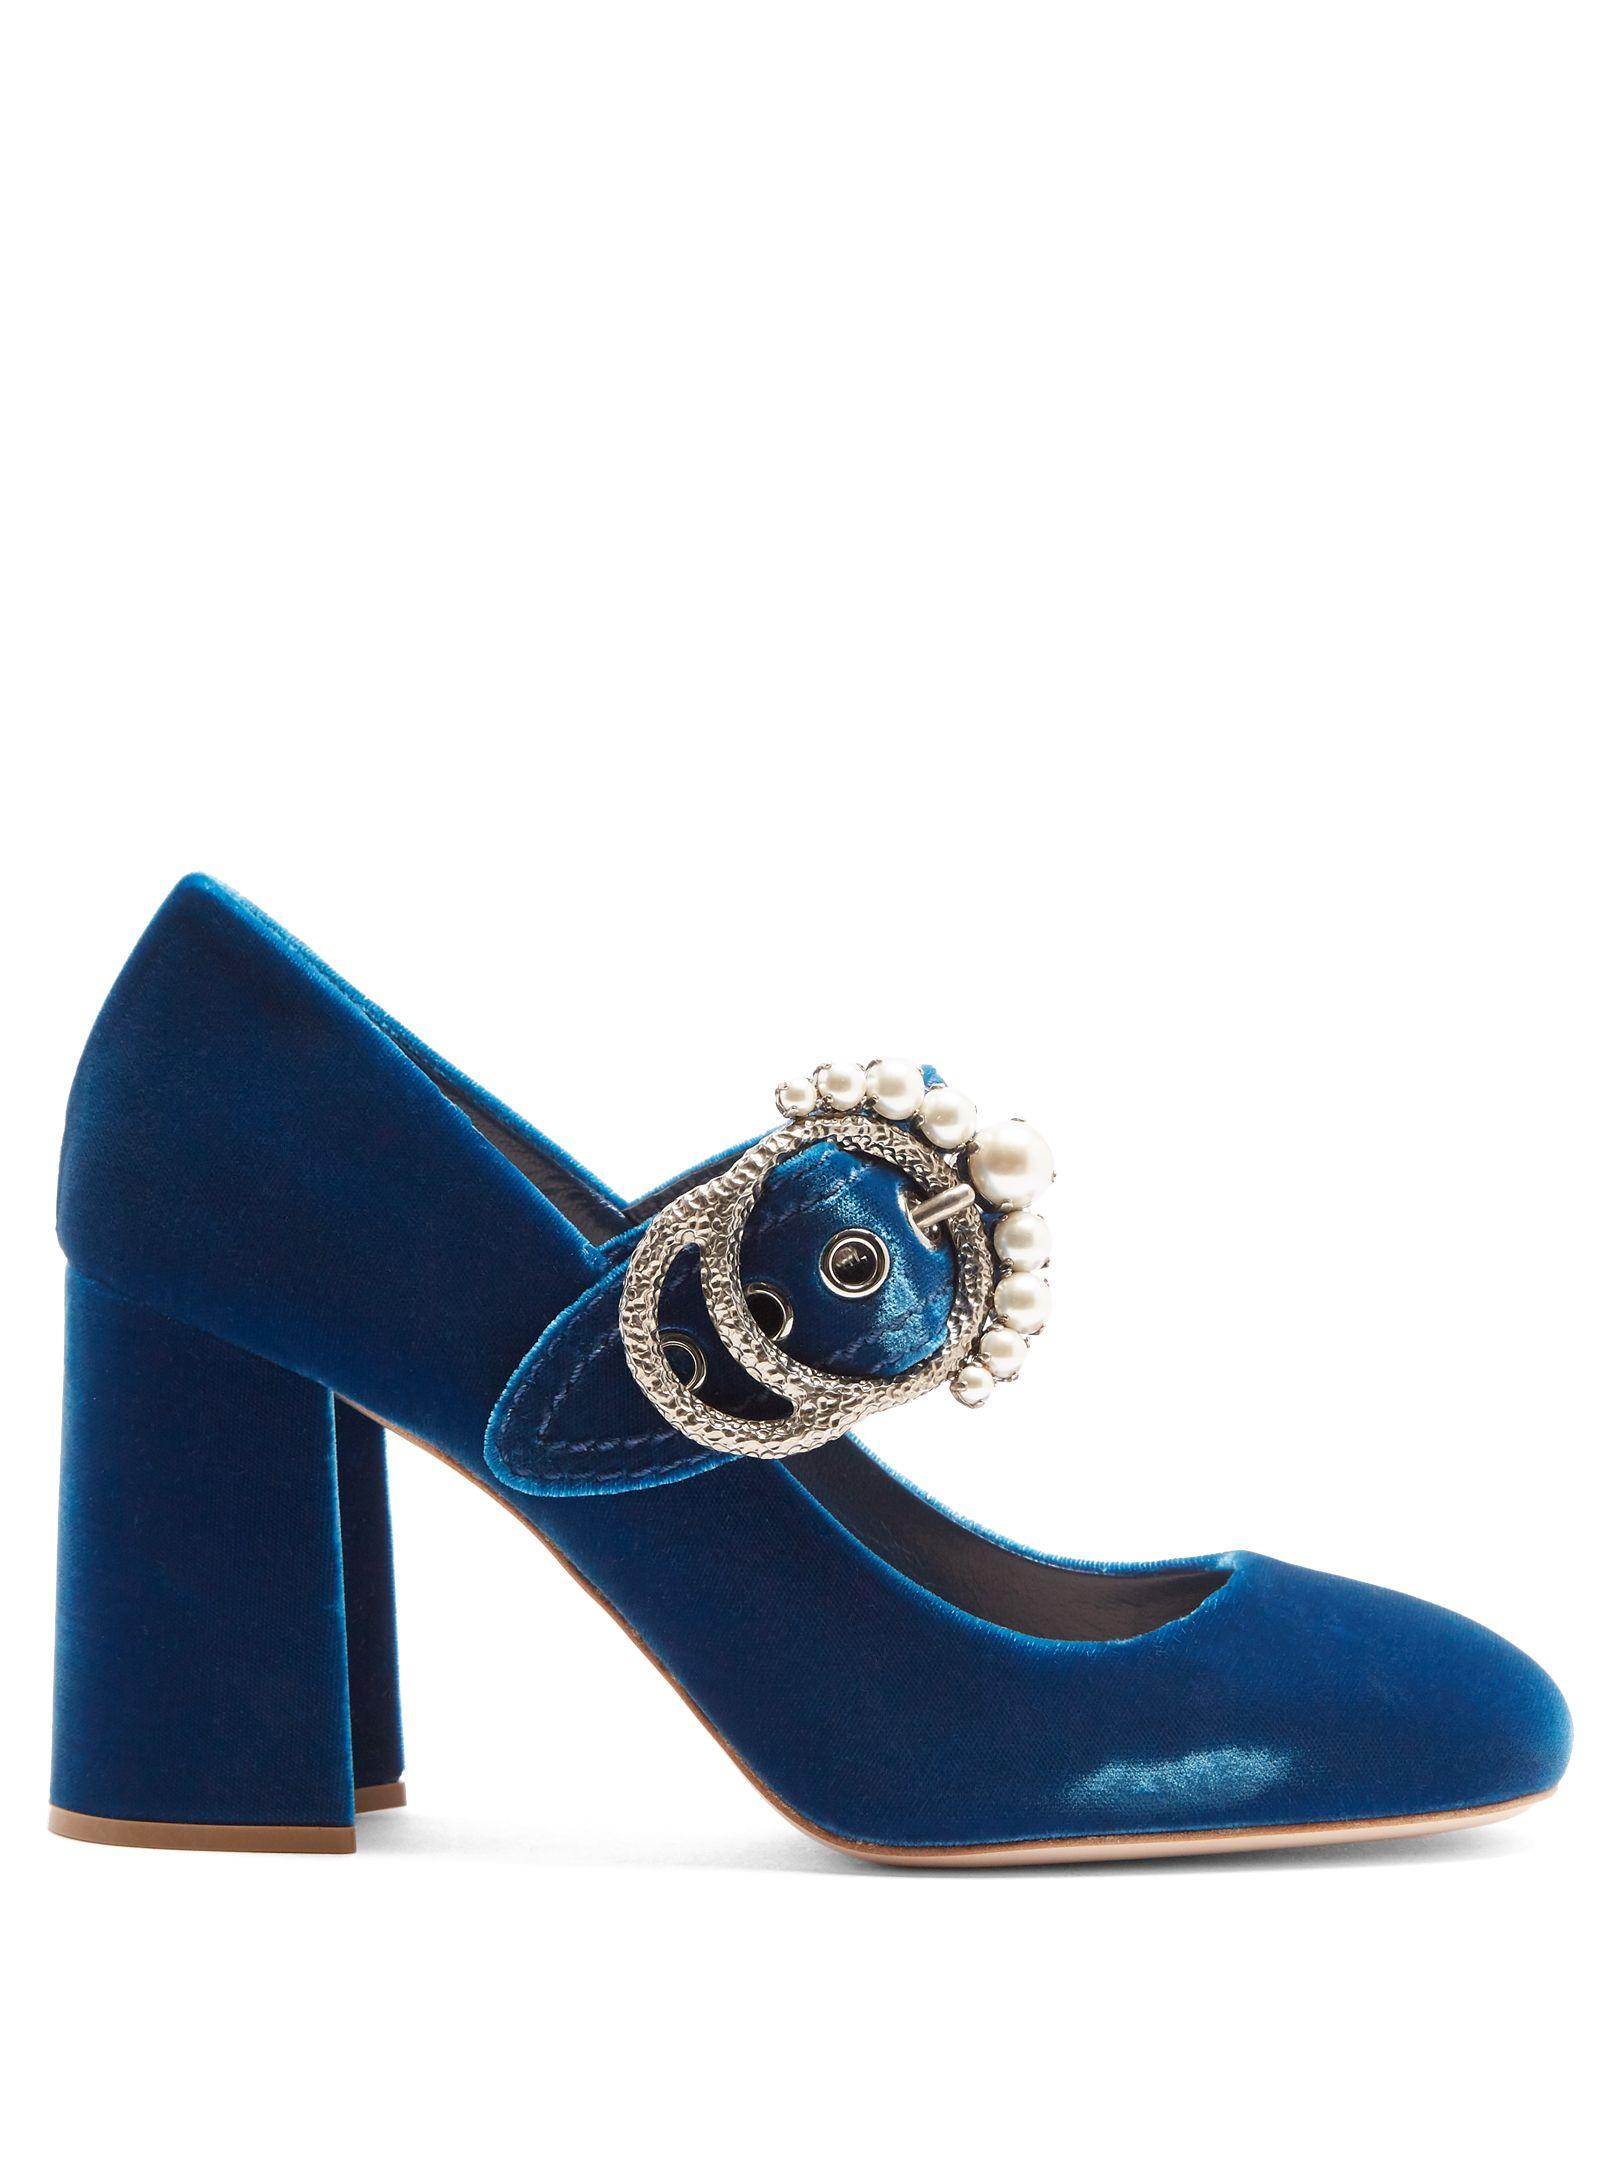 MIU MIU . #miumiu #shoes #